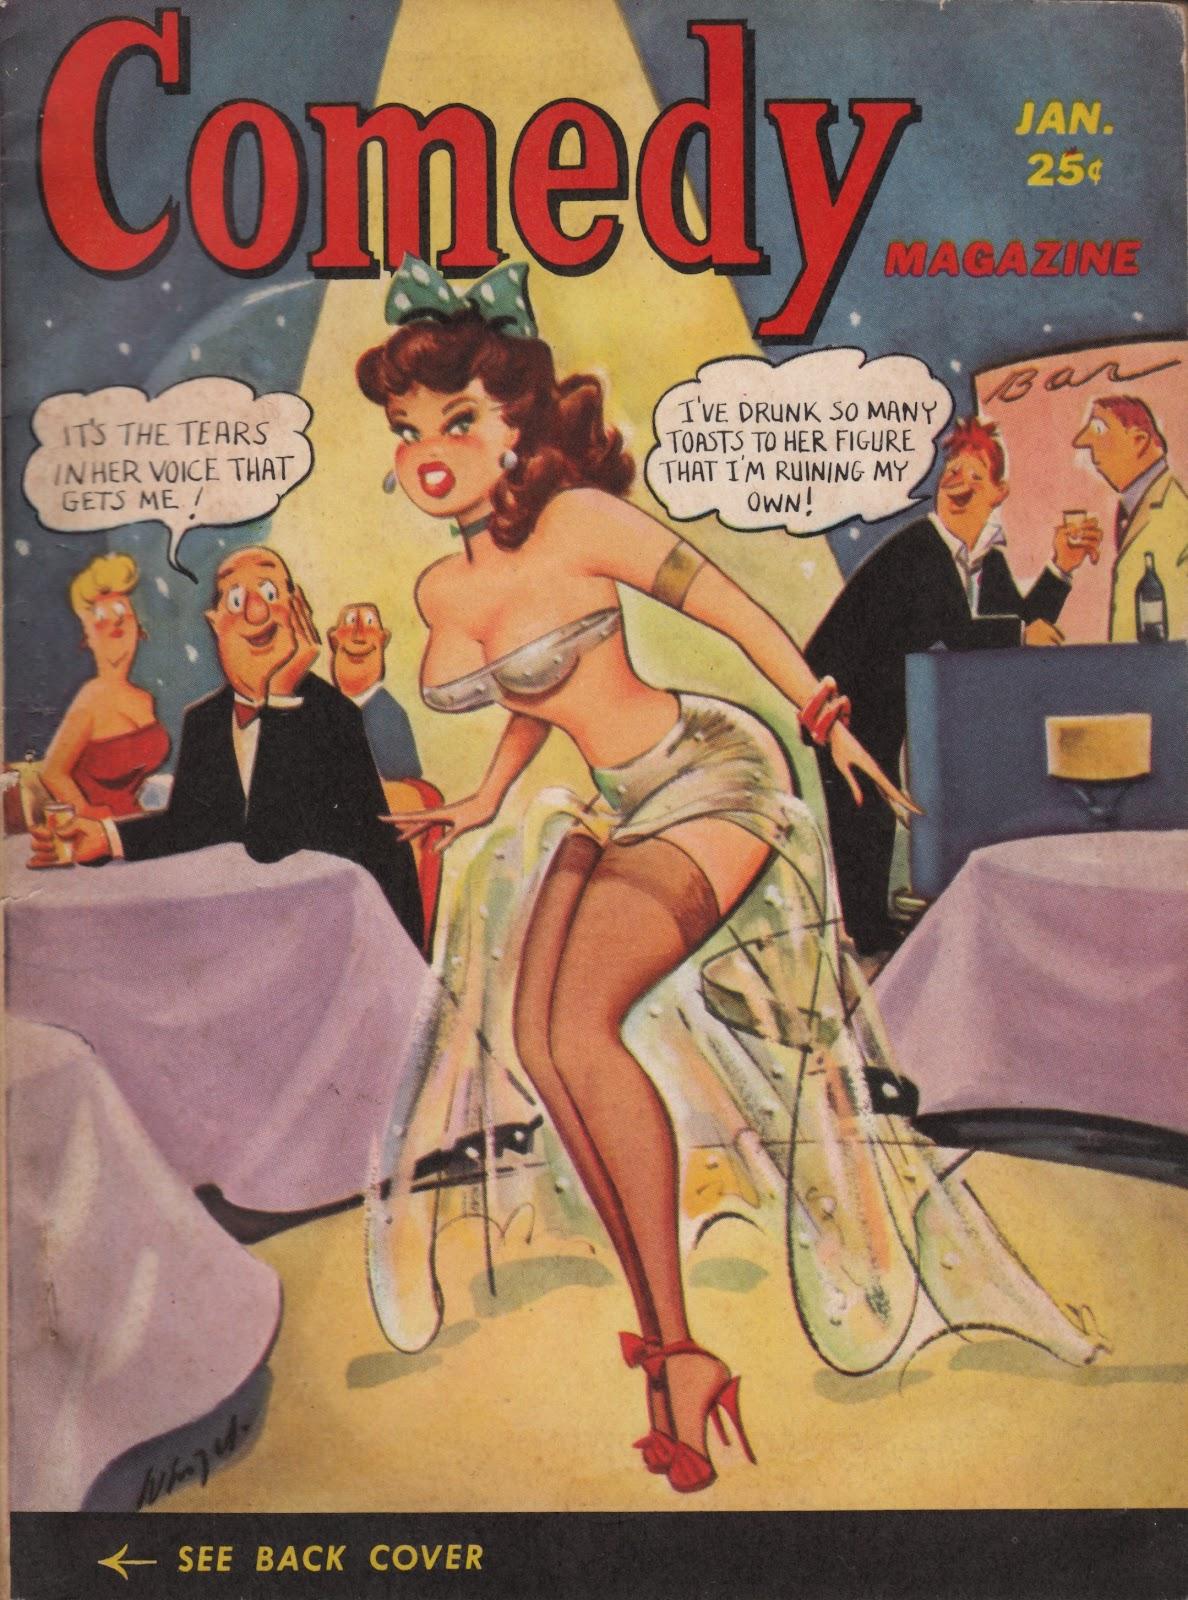 Порно ретро комедии фильмы чем пишете?